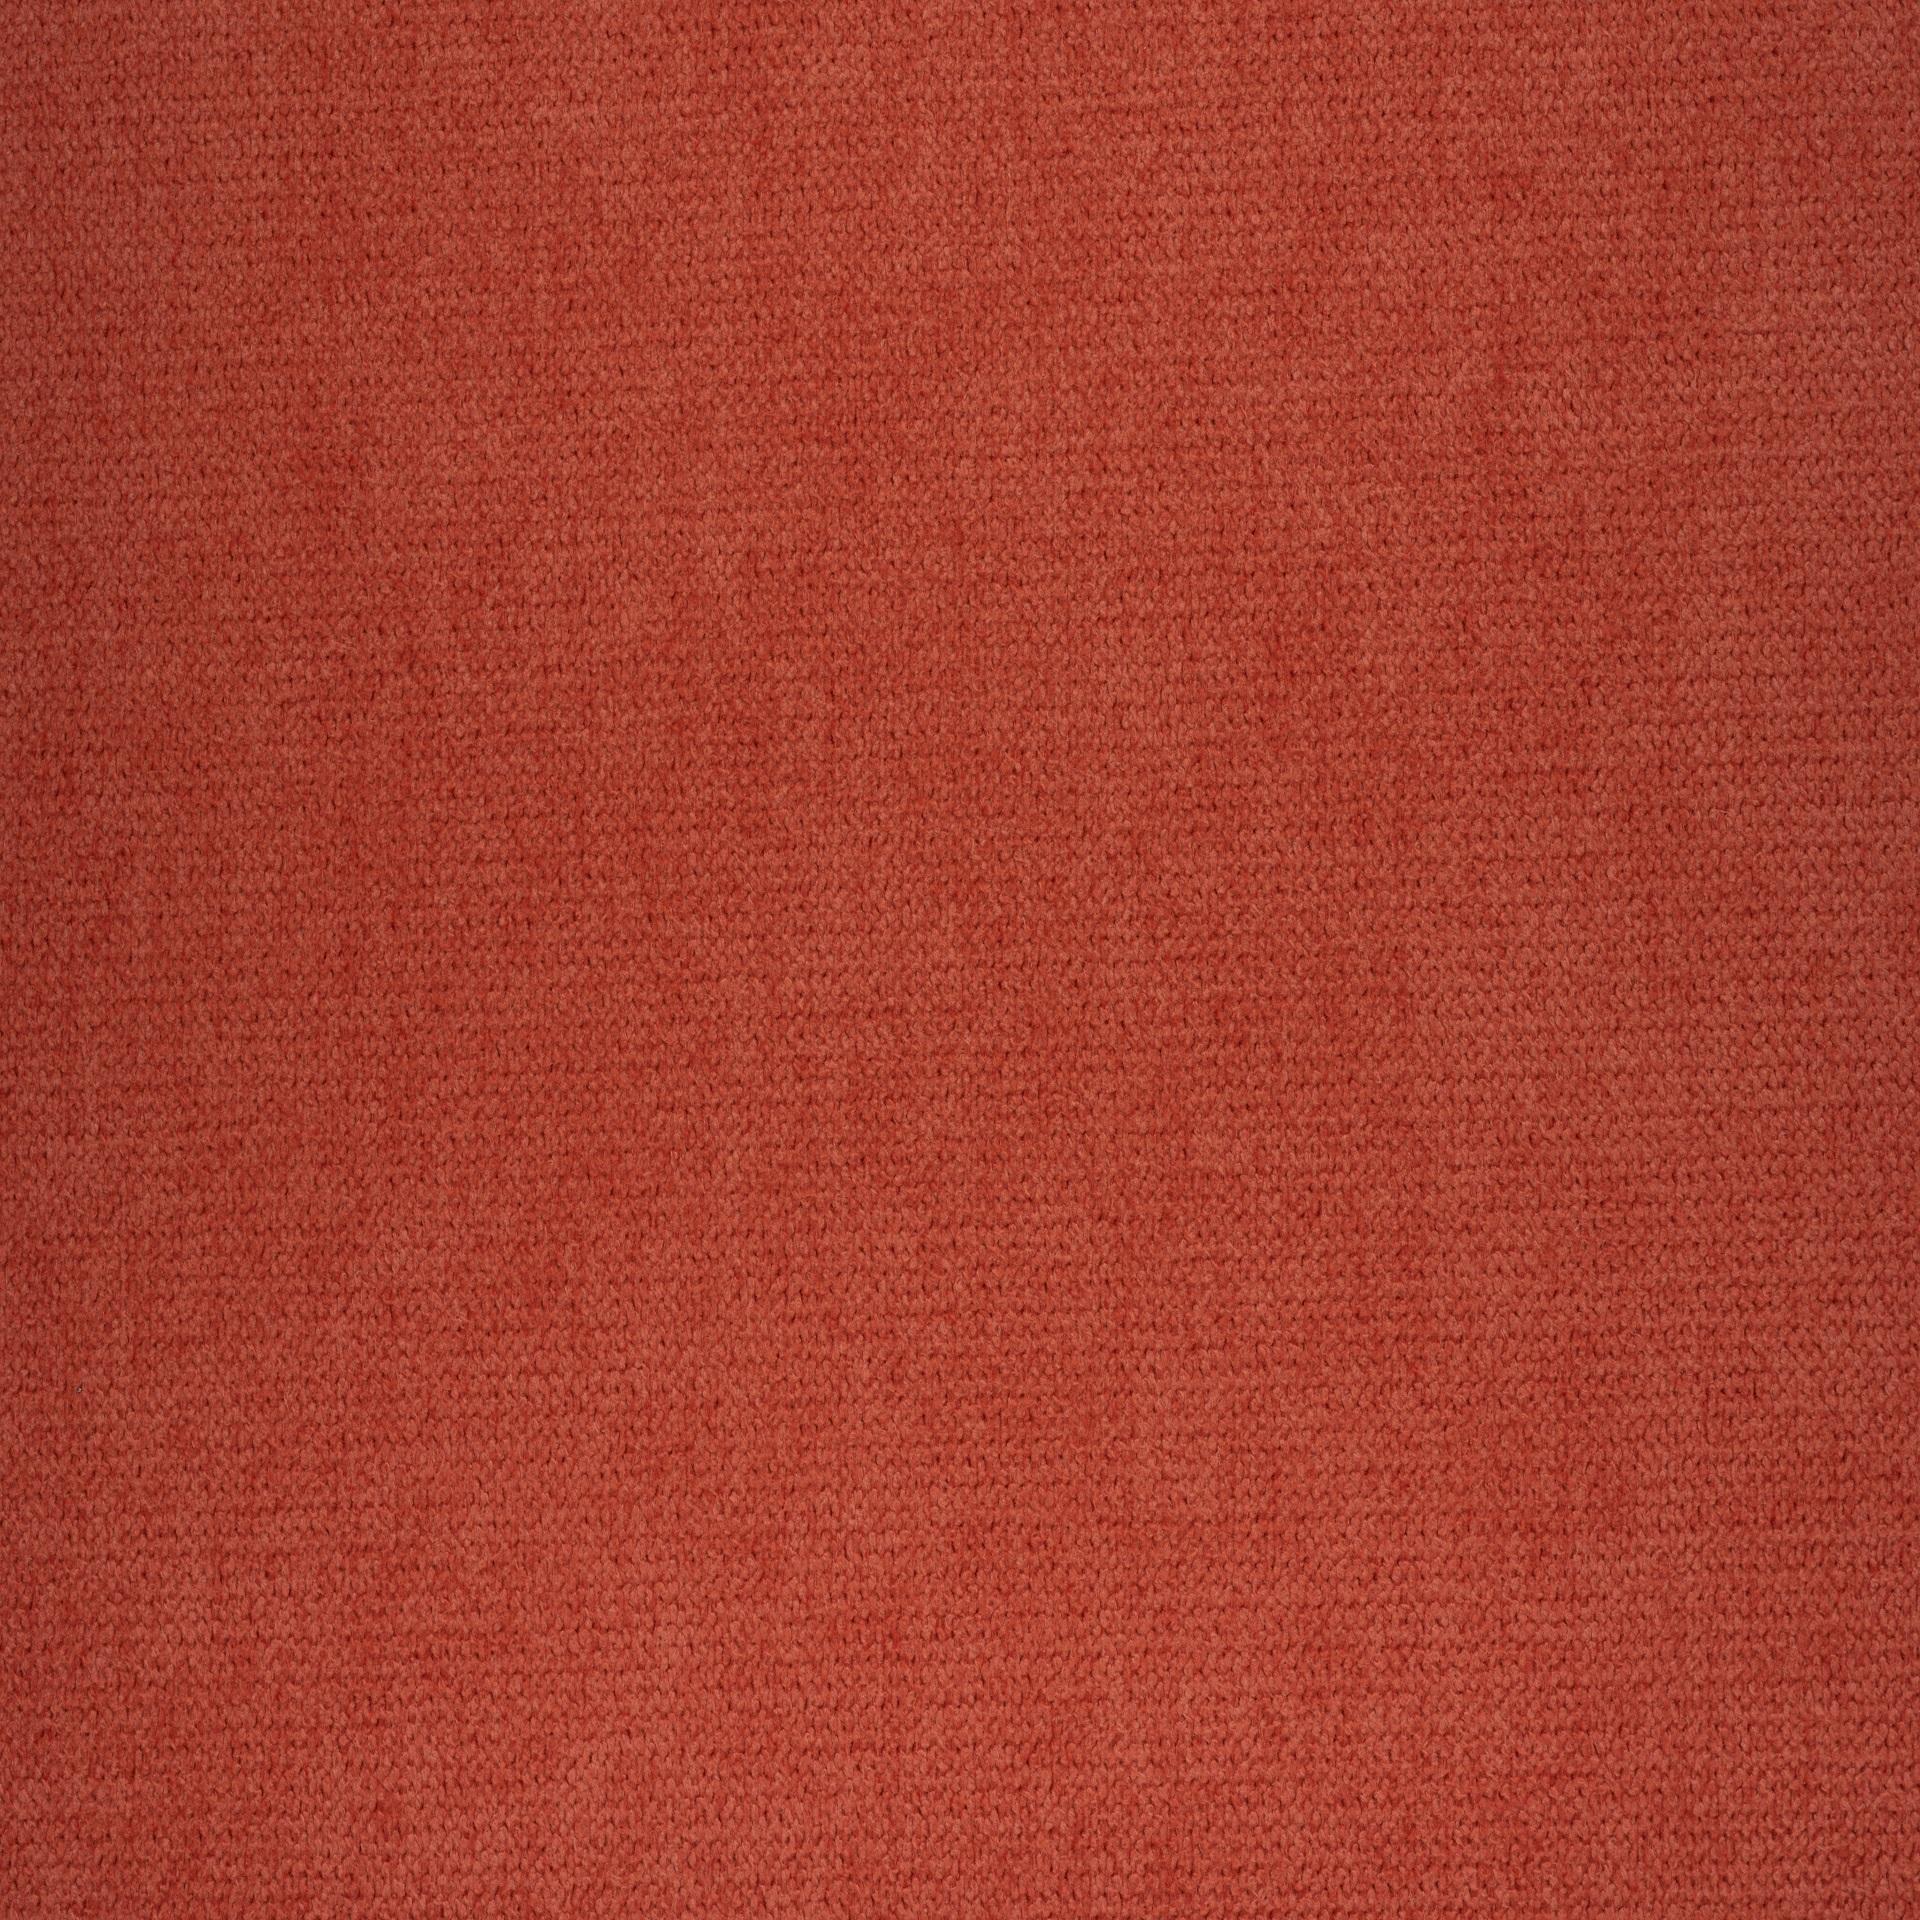 Коллекция ткани Аляска 51,  купить ткань Жаккард для мебели Украина